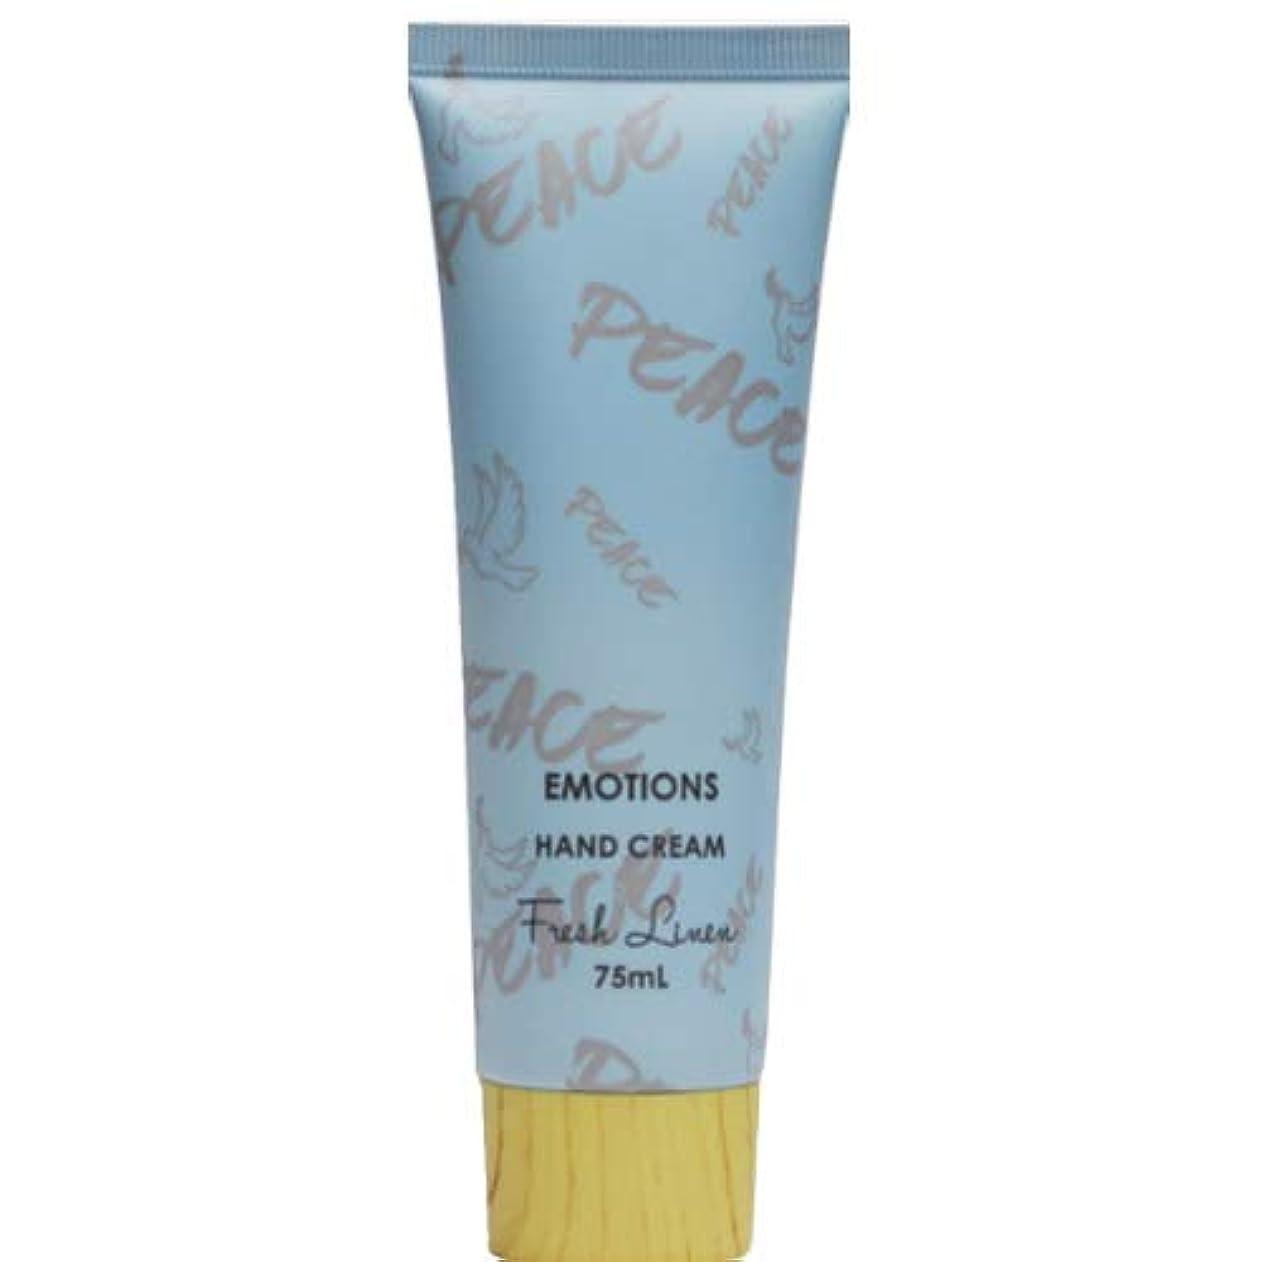 アルコーブ項目小麦三和トレーディング EMOTIONS エモーション Hand Cream ハンドクリーム Peace ピース(Fresh Linen フレッシュリネン)